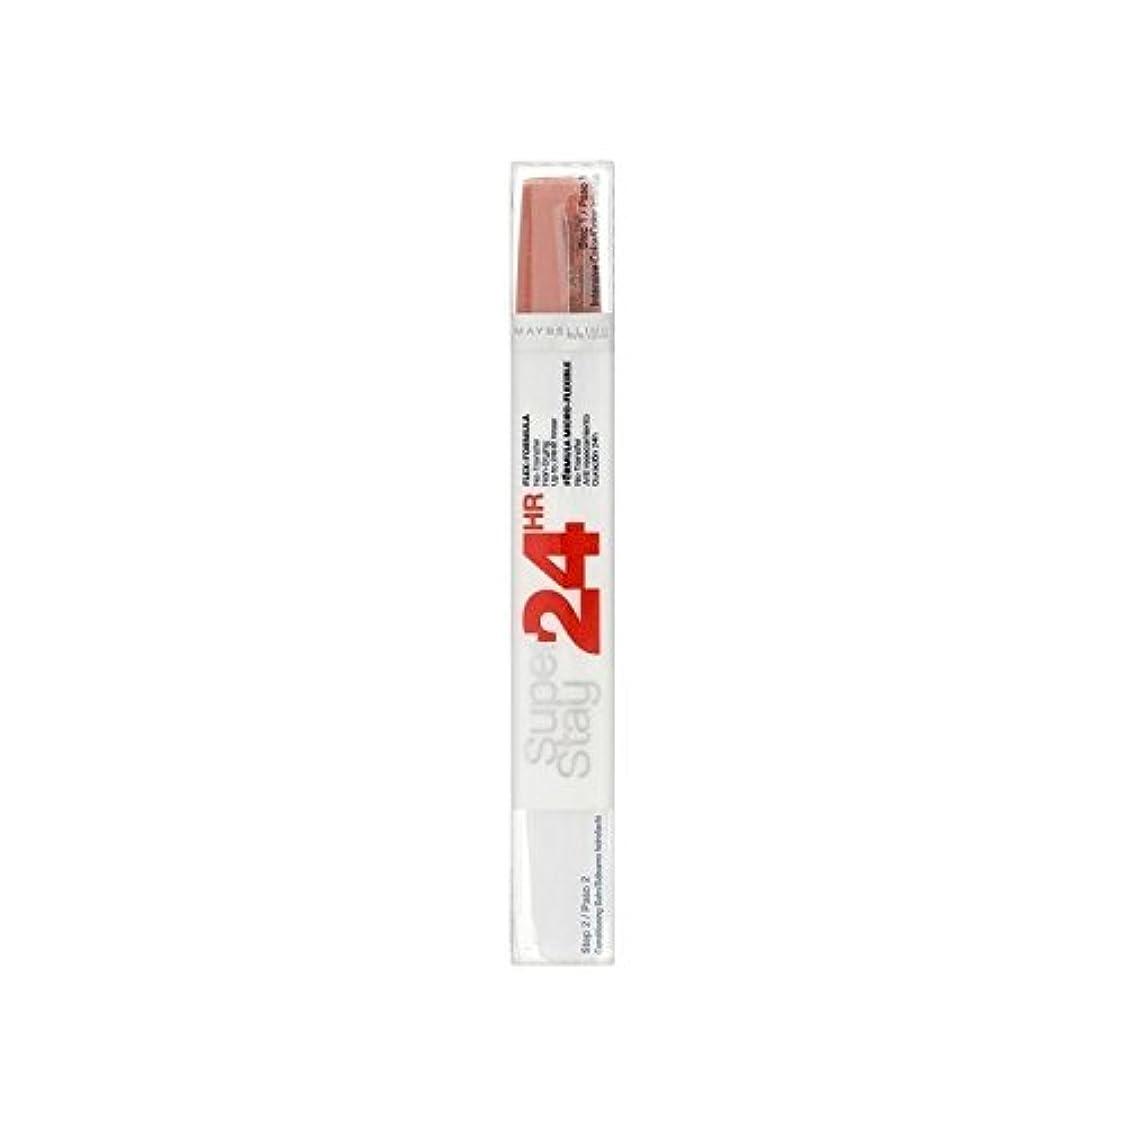 ヘルメット生き物くすぐったいMaybelline SuperStay24H Dual Lipstick 460 Infinite Coral 9ml - メイベリン24デュアル口紅460無限サンゴ9ミリリットル [並行輸入品]